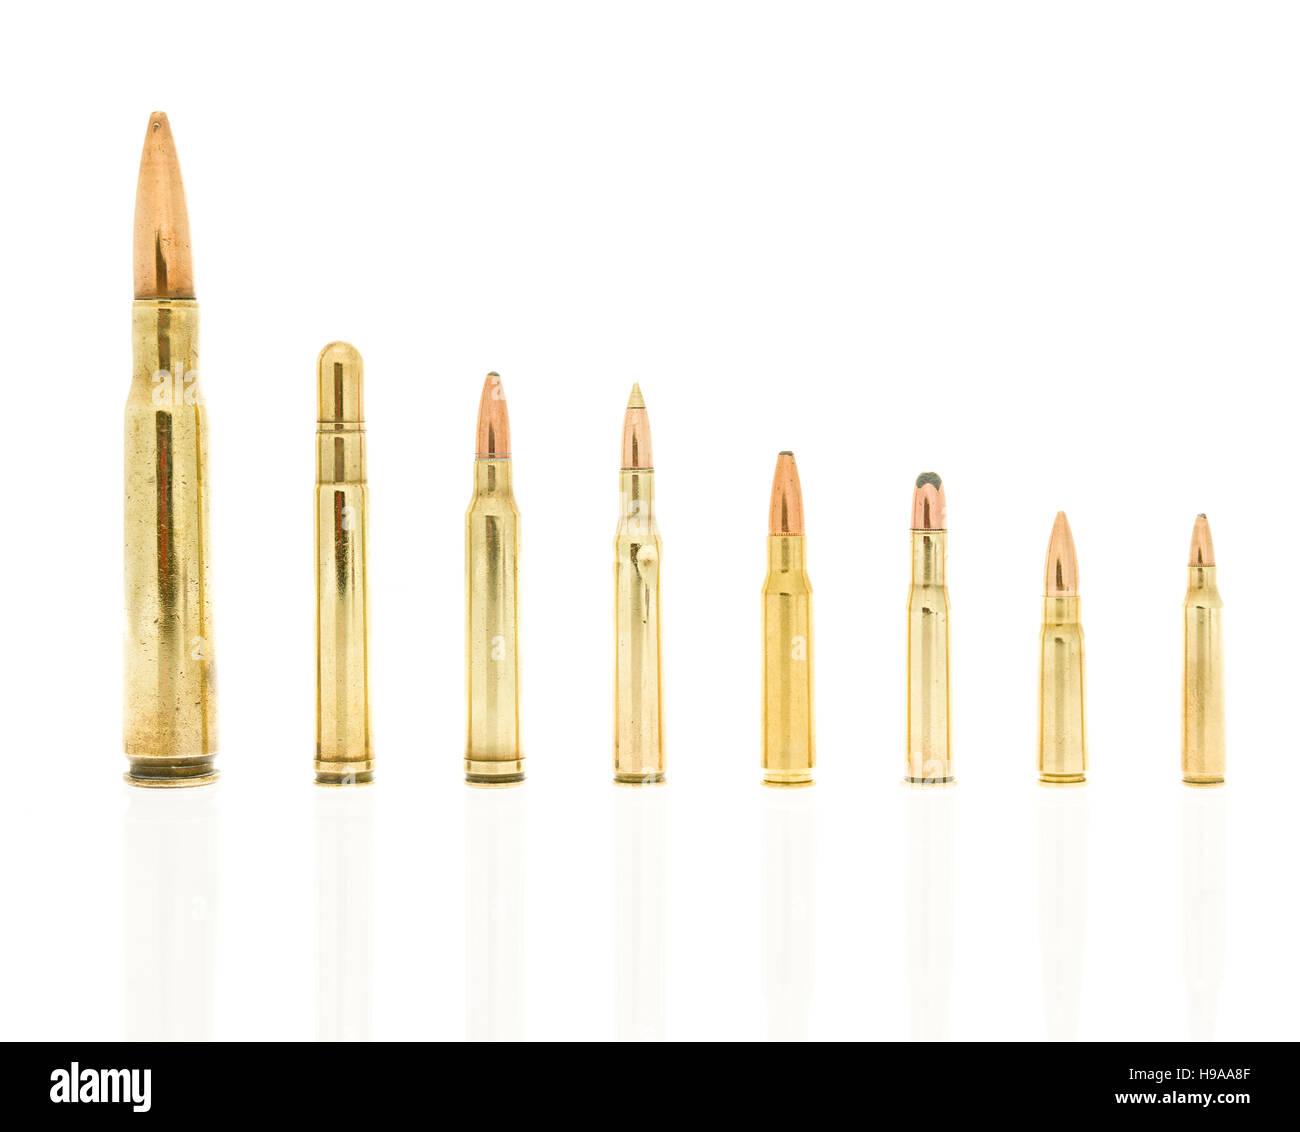 762 56 Rounds 5 Nato Vs